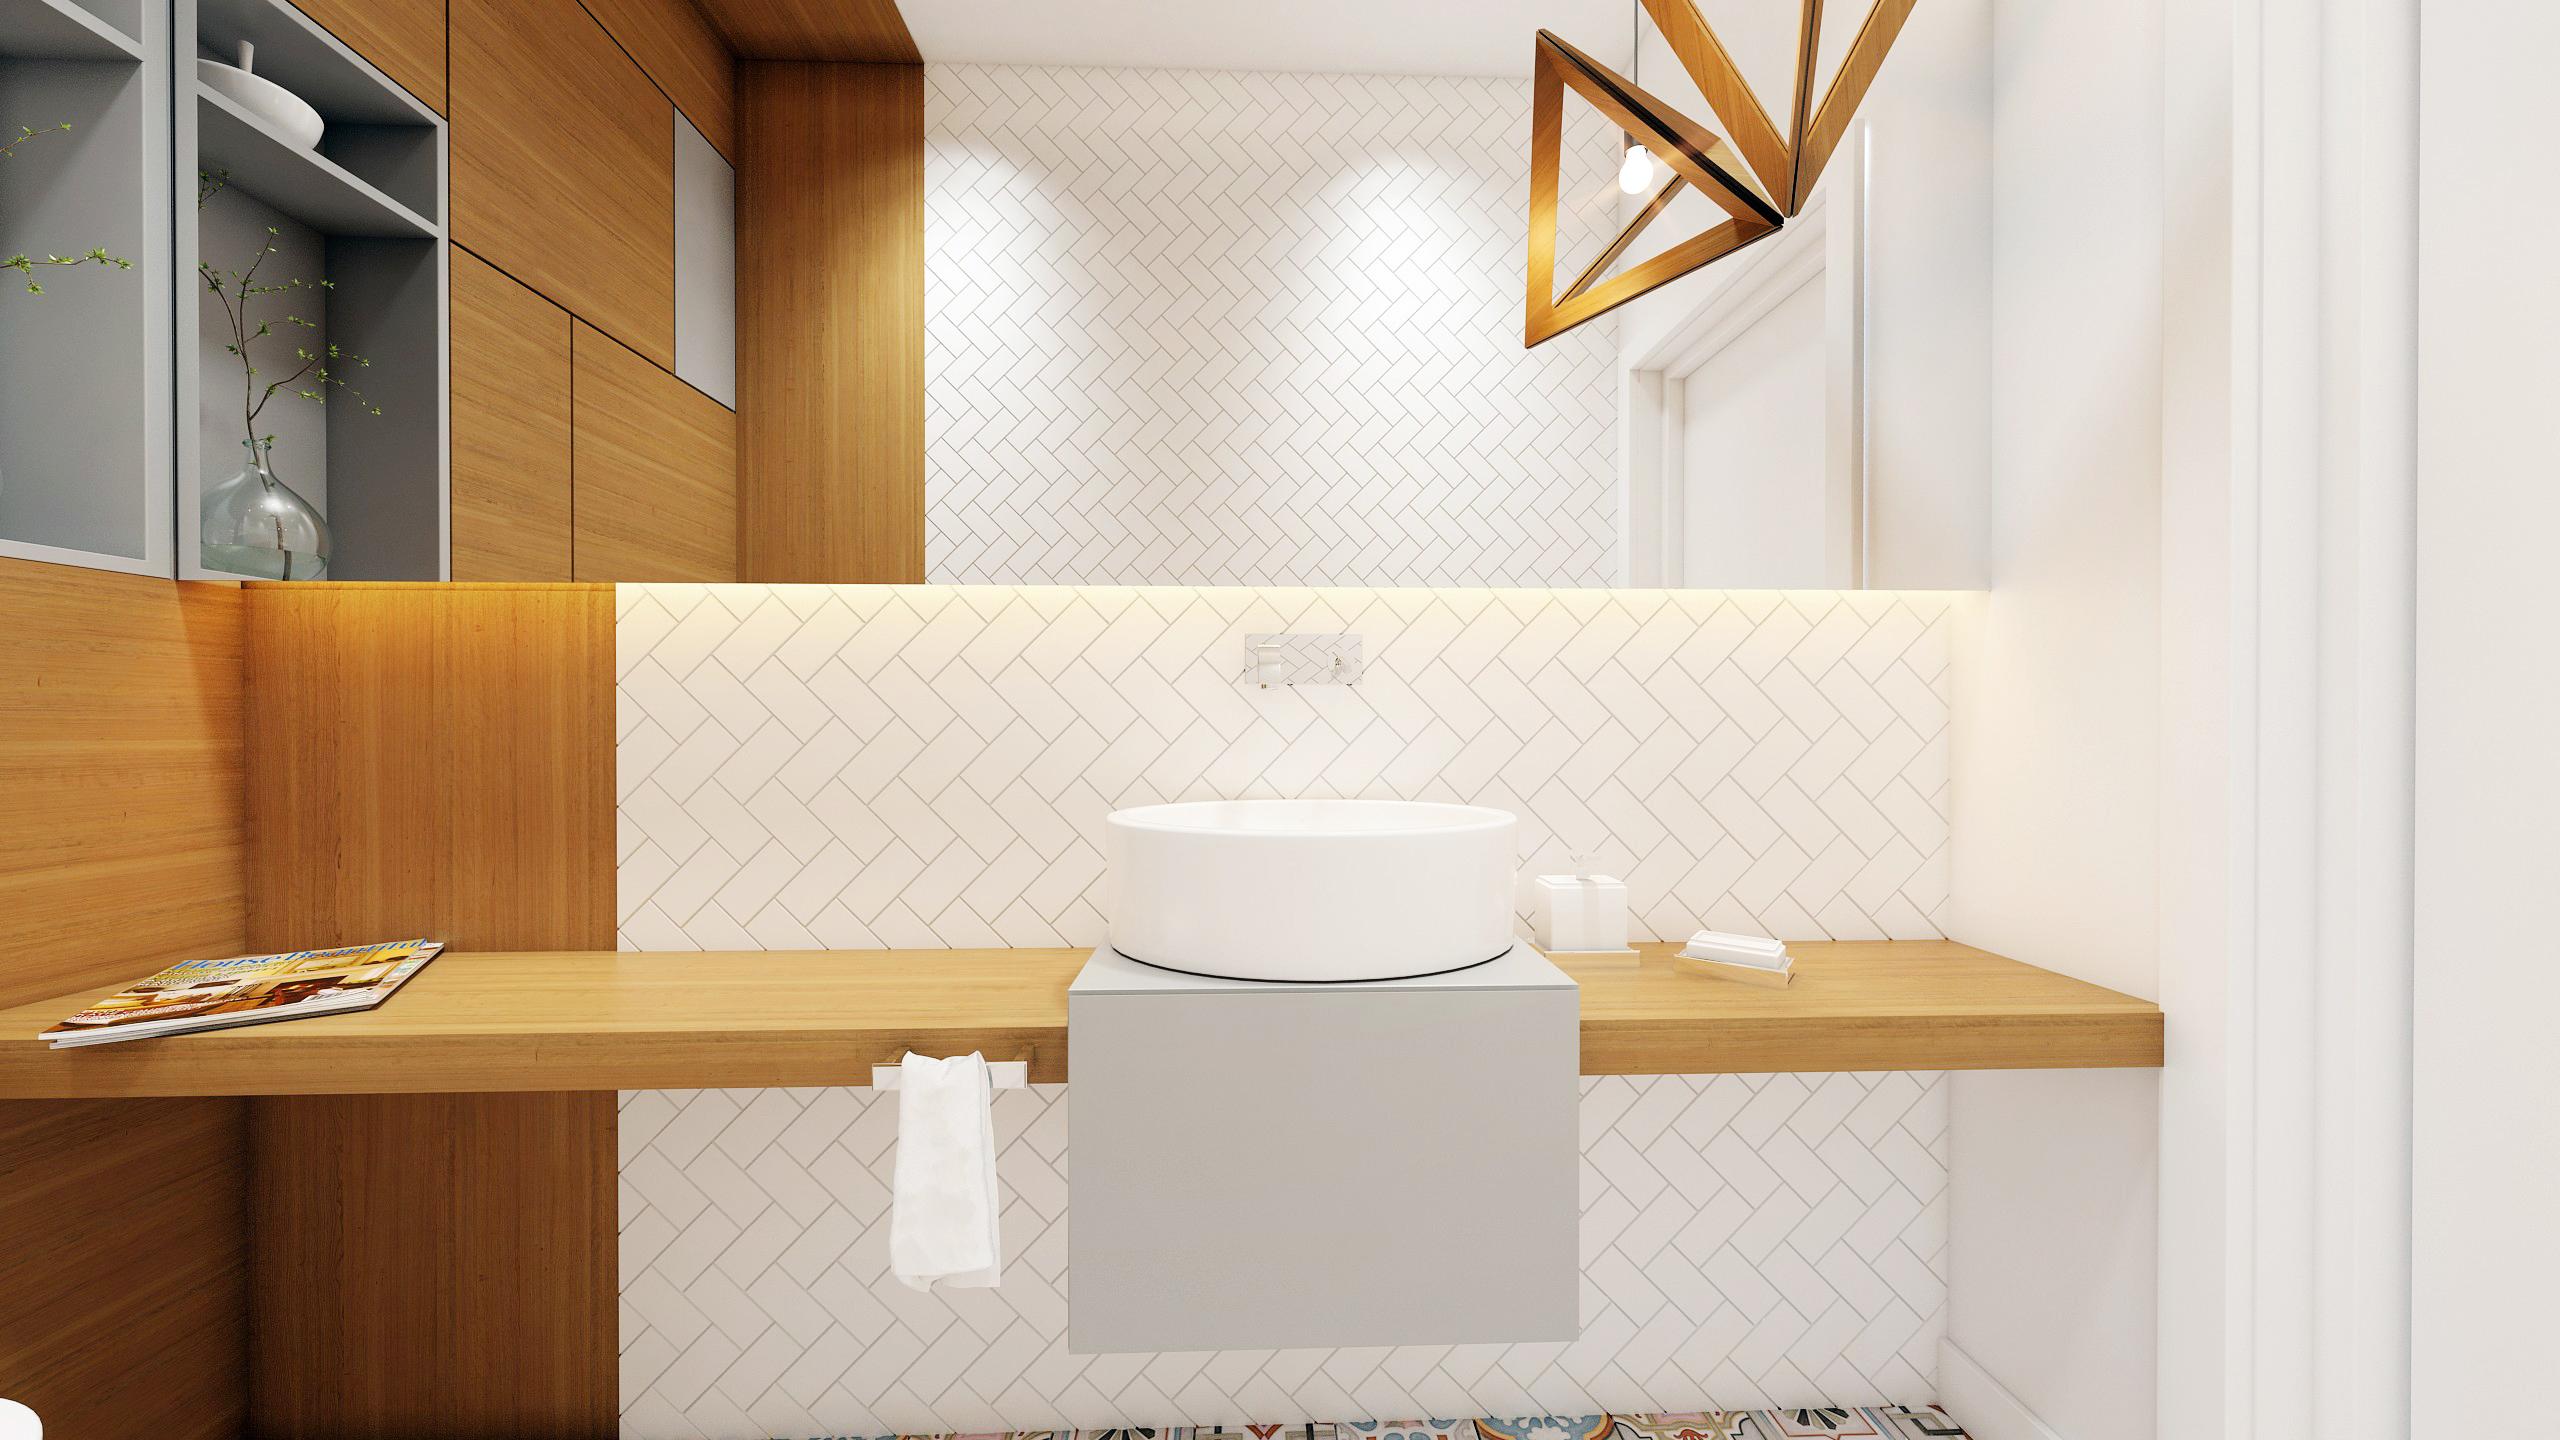 łazienka Drewno Biel I Szarość Wkręconapl Blog